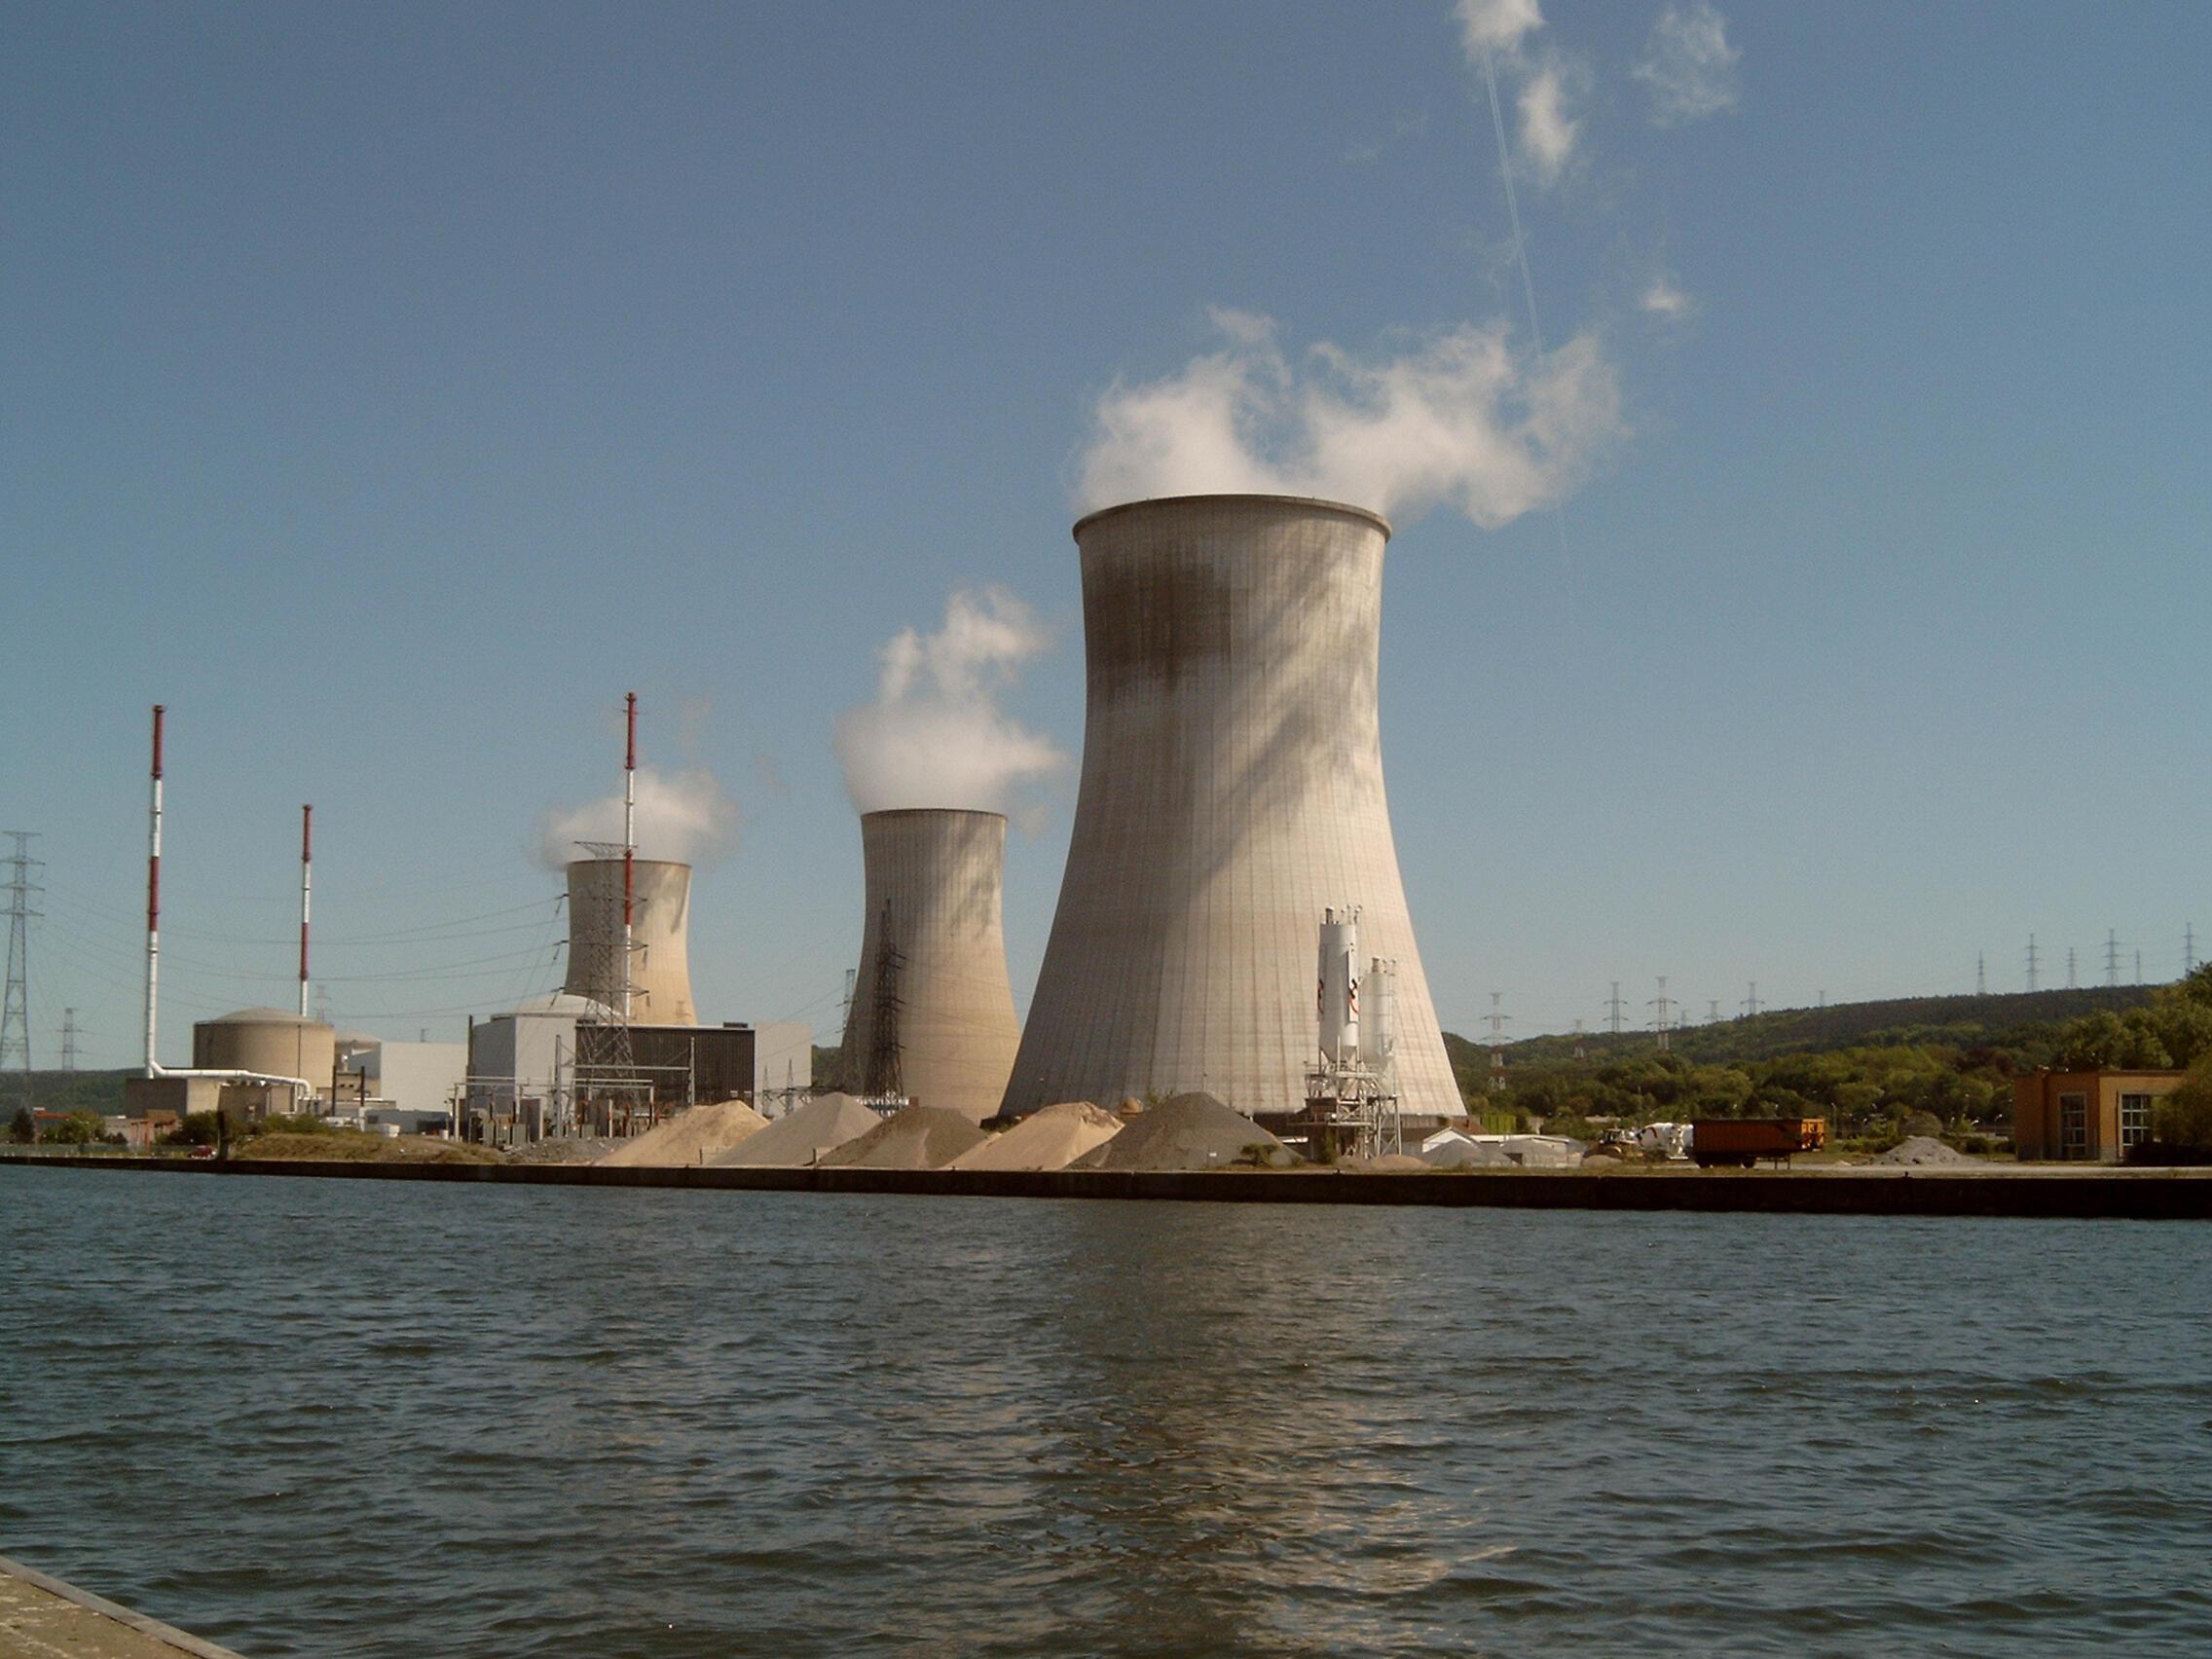 Nhà máy điện hạt nhân Tihange, Bỉ, nhìn từ sông Meuse.